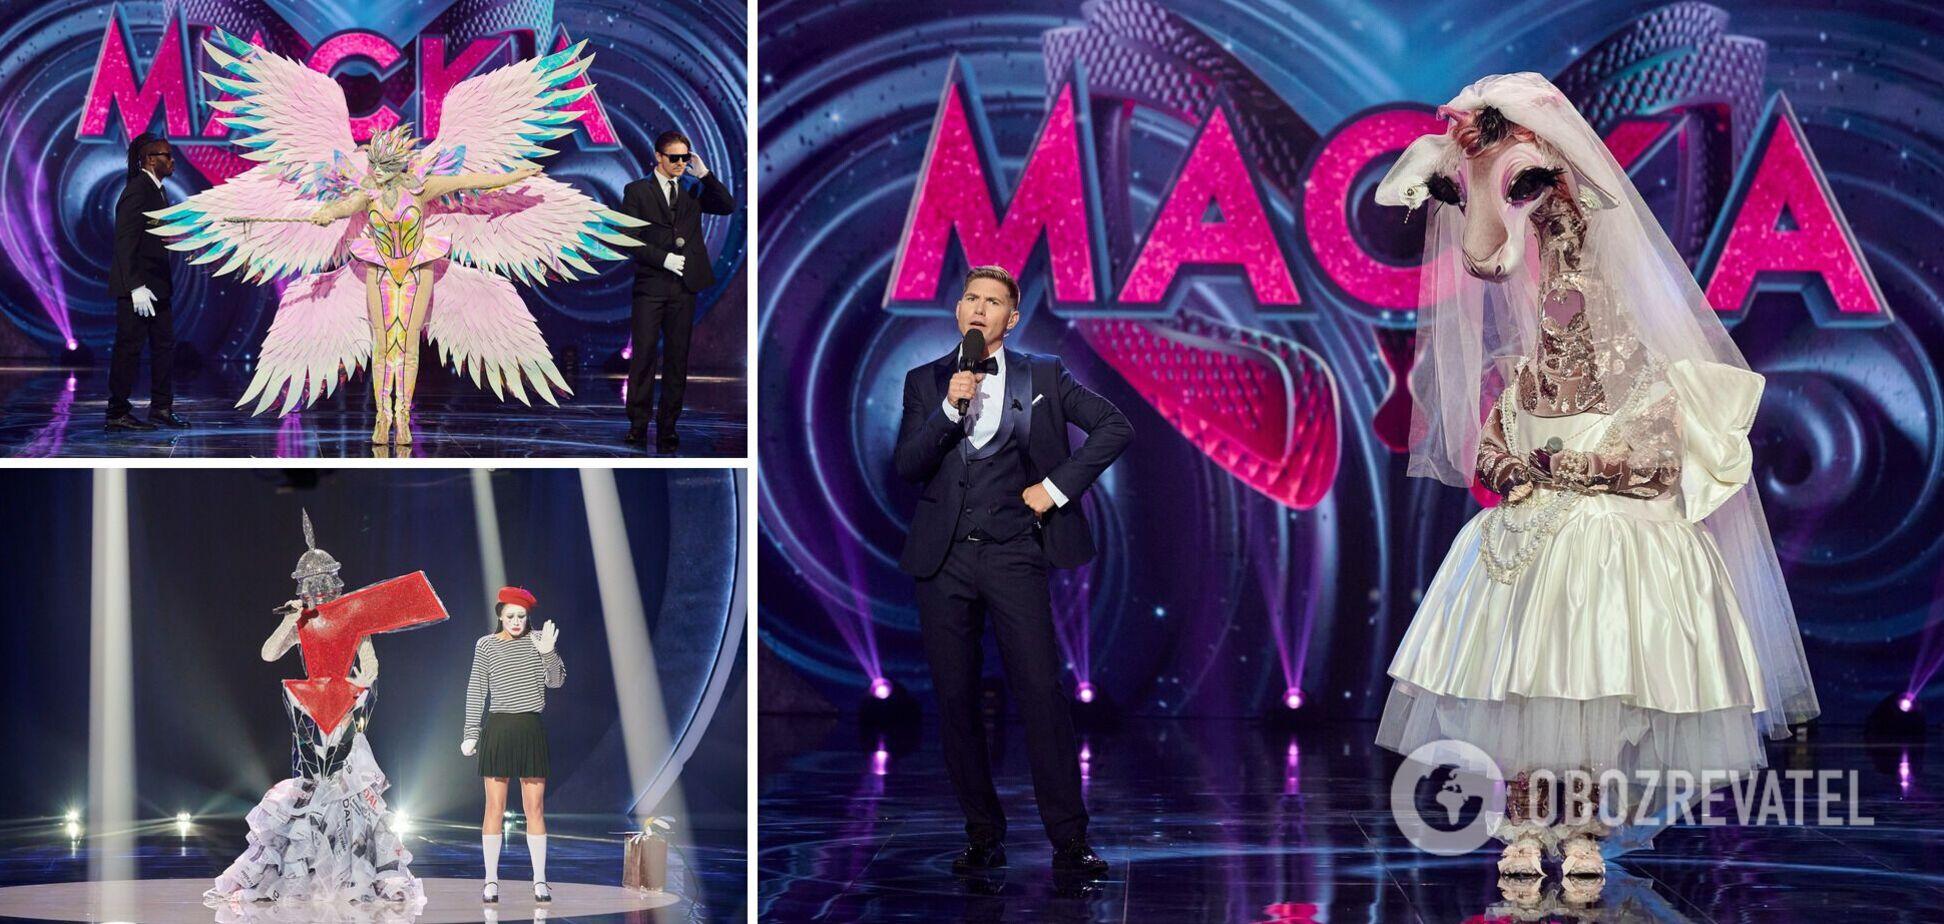 Стала известна дата премьеры грандиозного шоу 'Маска'